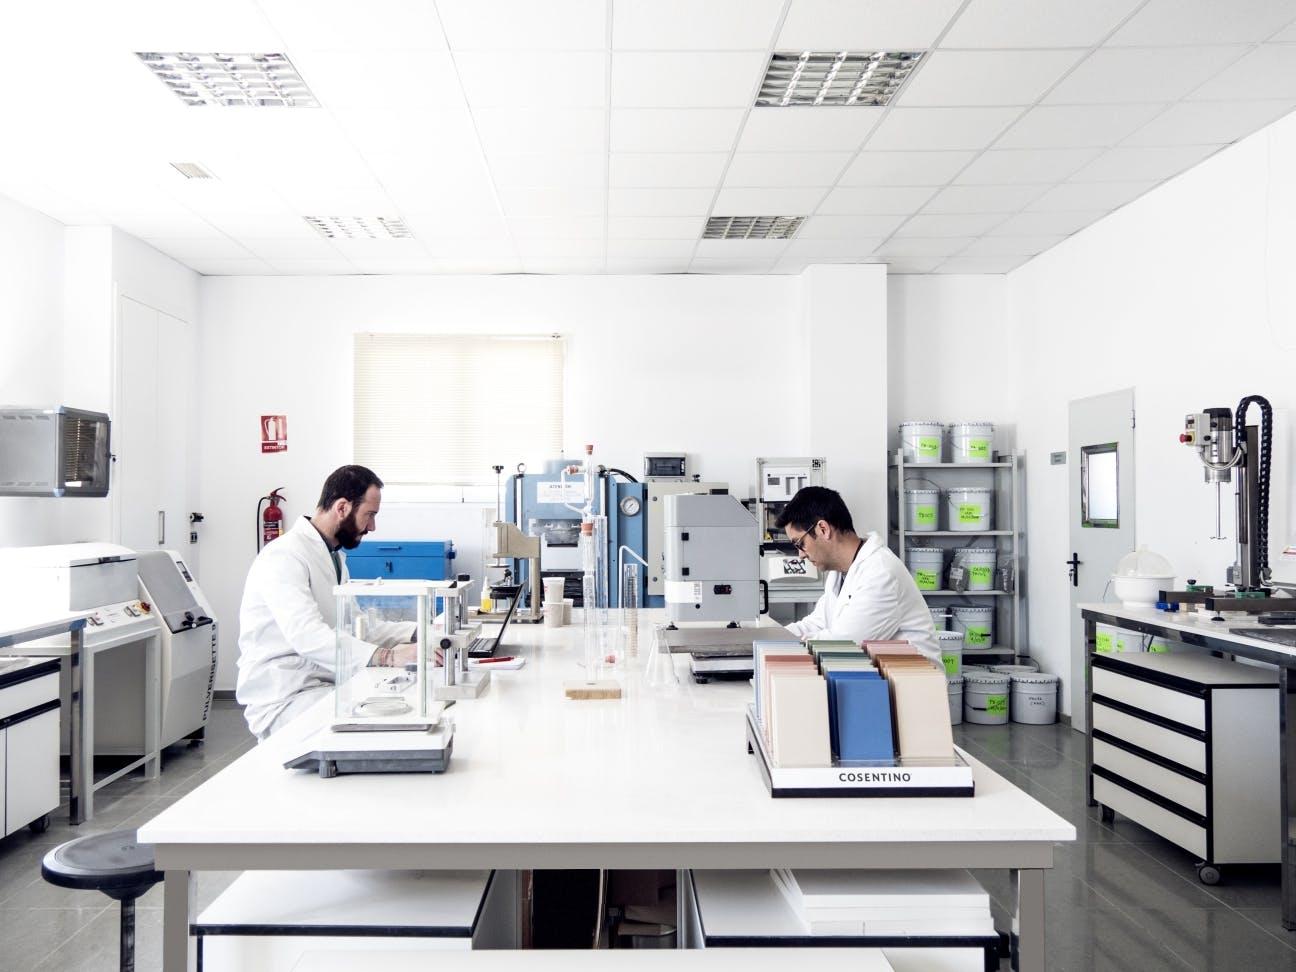 Image of Cosentino Laboratorio en Cantoria 2 1 in Cosentino places its faith in innovation to contribute to the 2030 Agenda - Cosentino